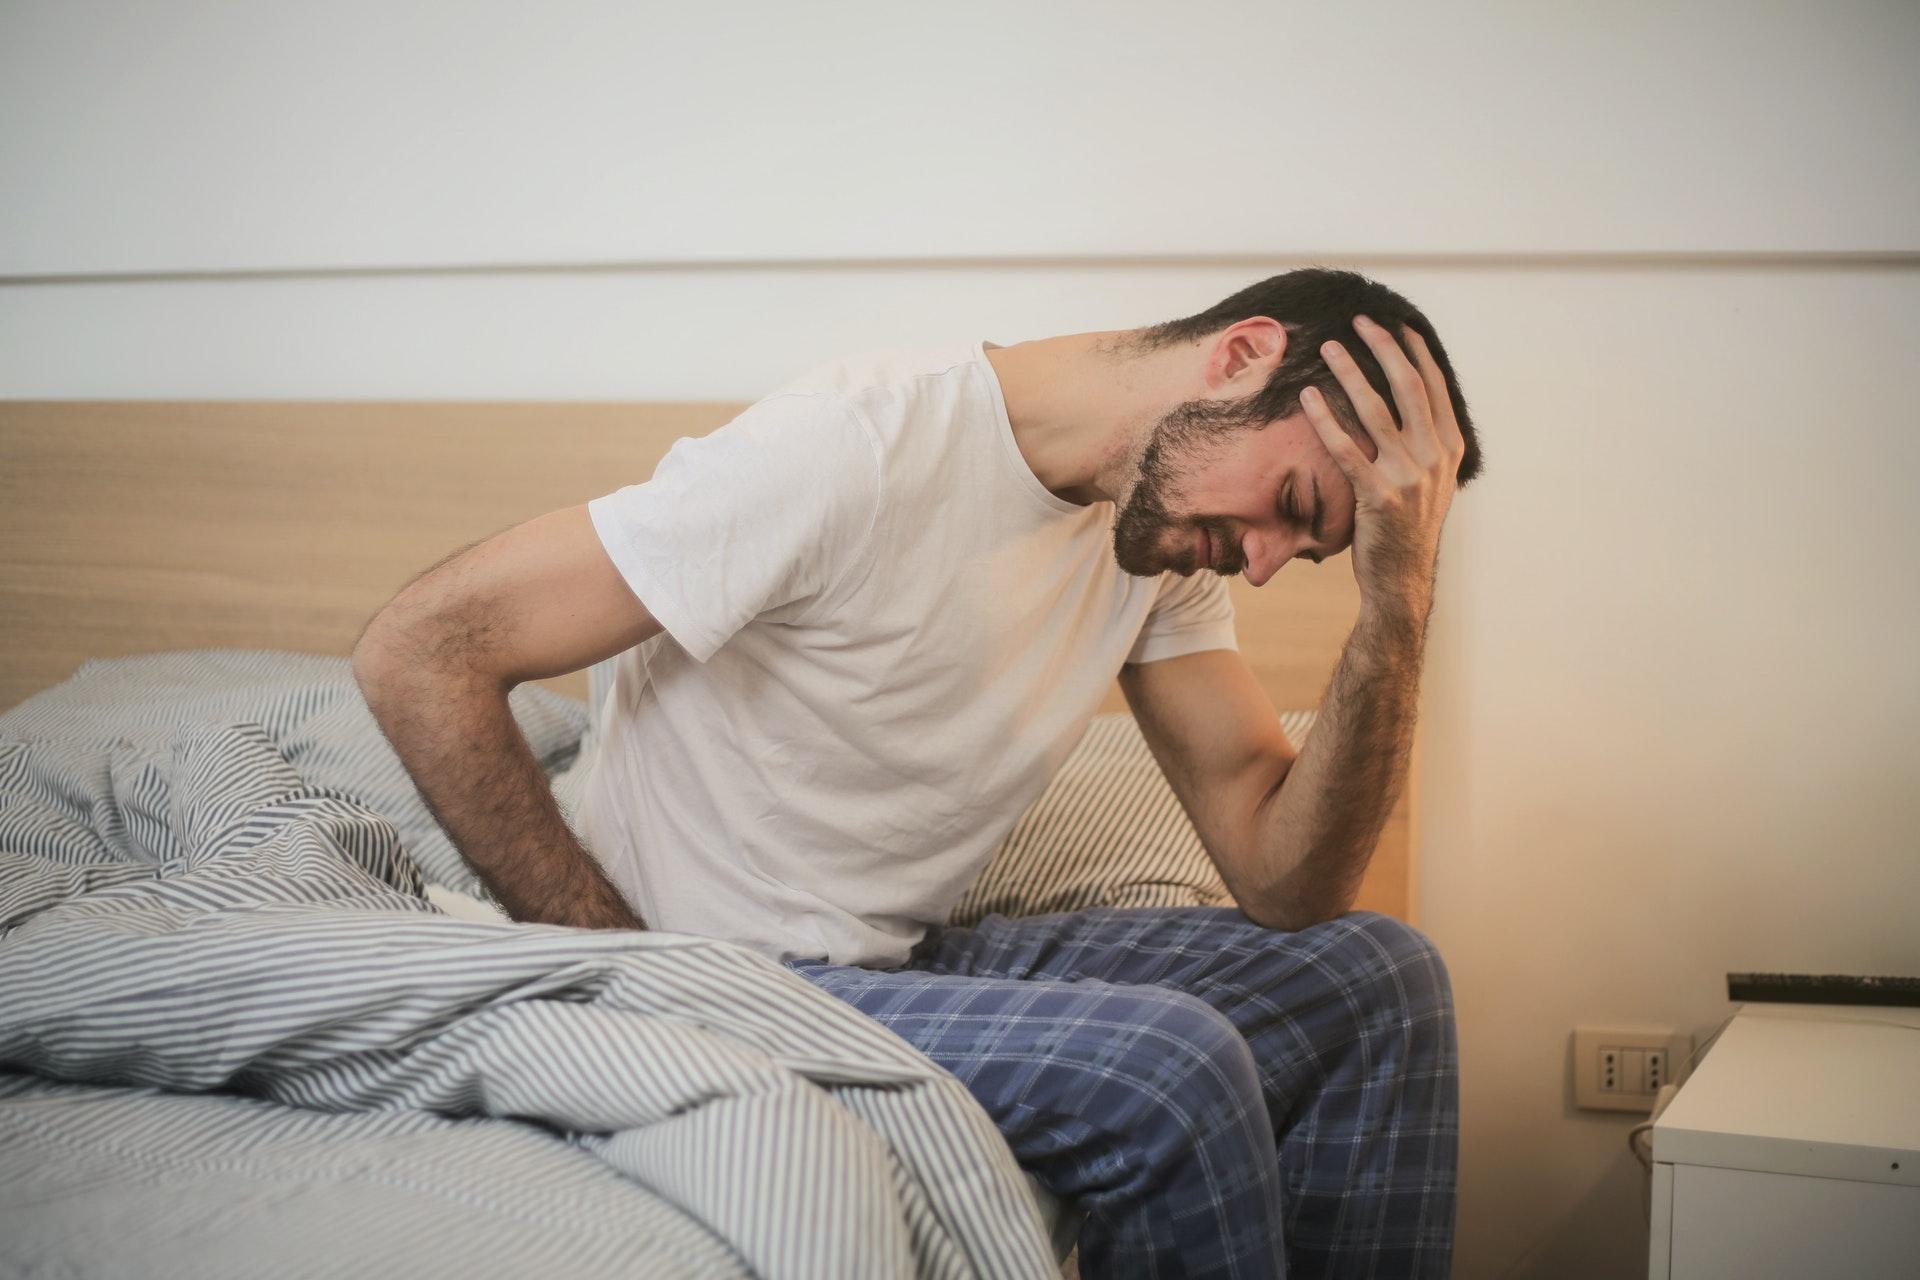 cibi nemici del sonno